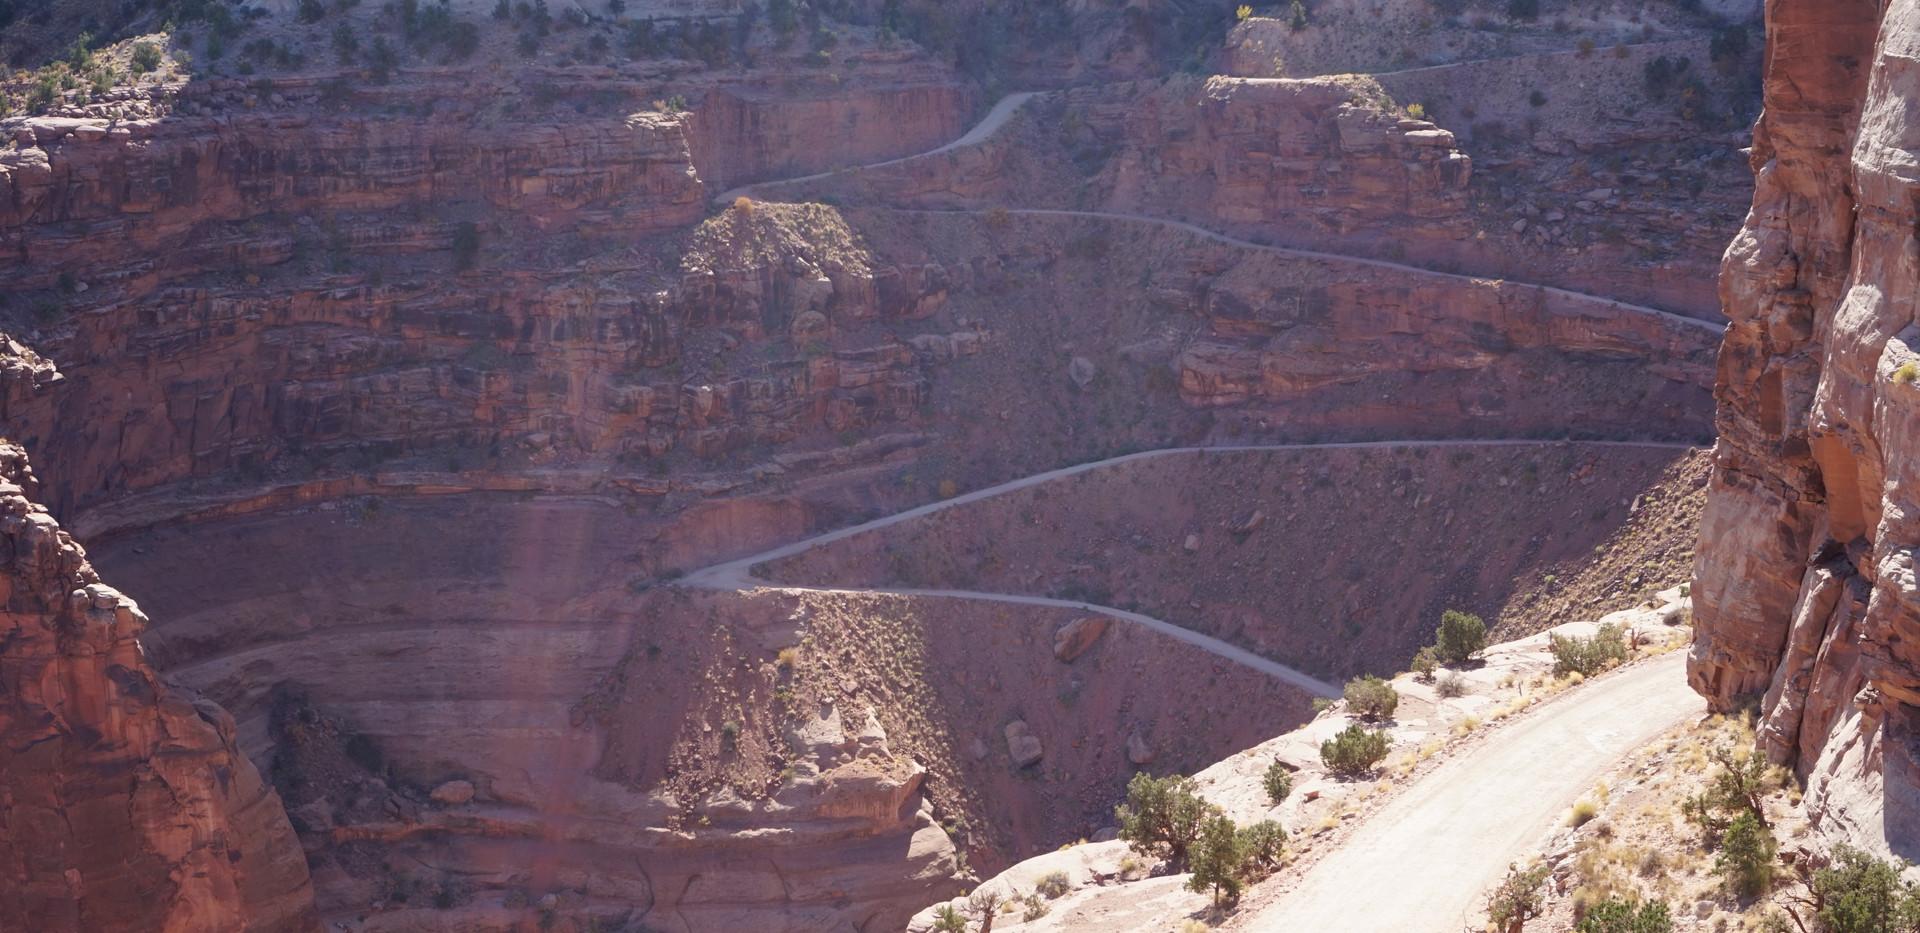 Schafer trail 4x4.JPG